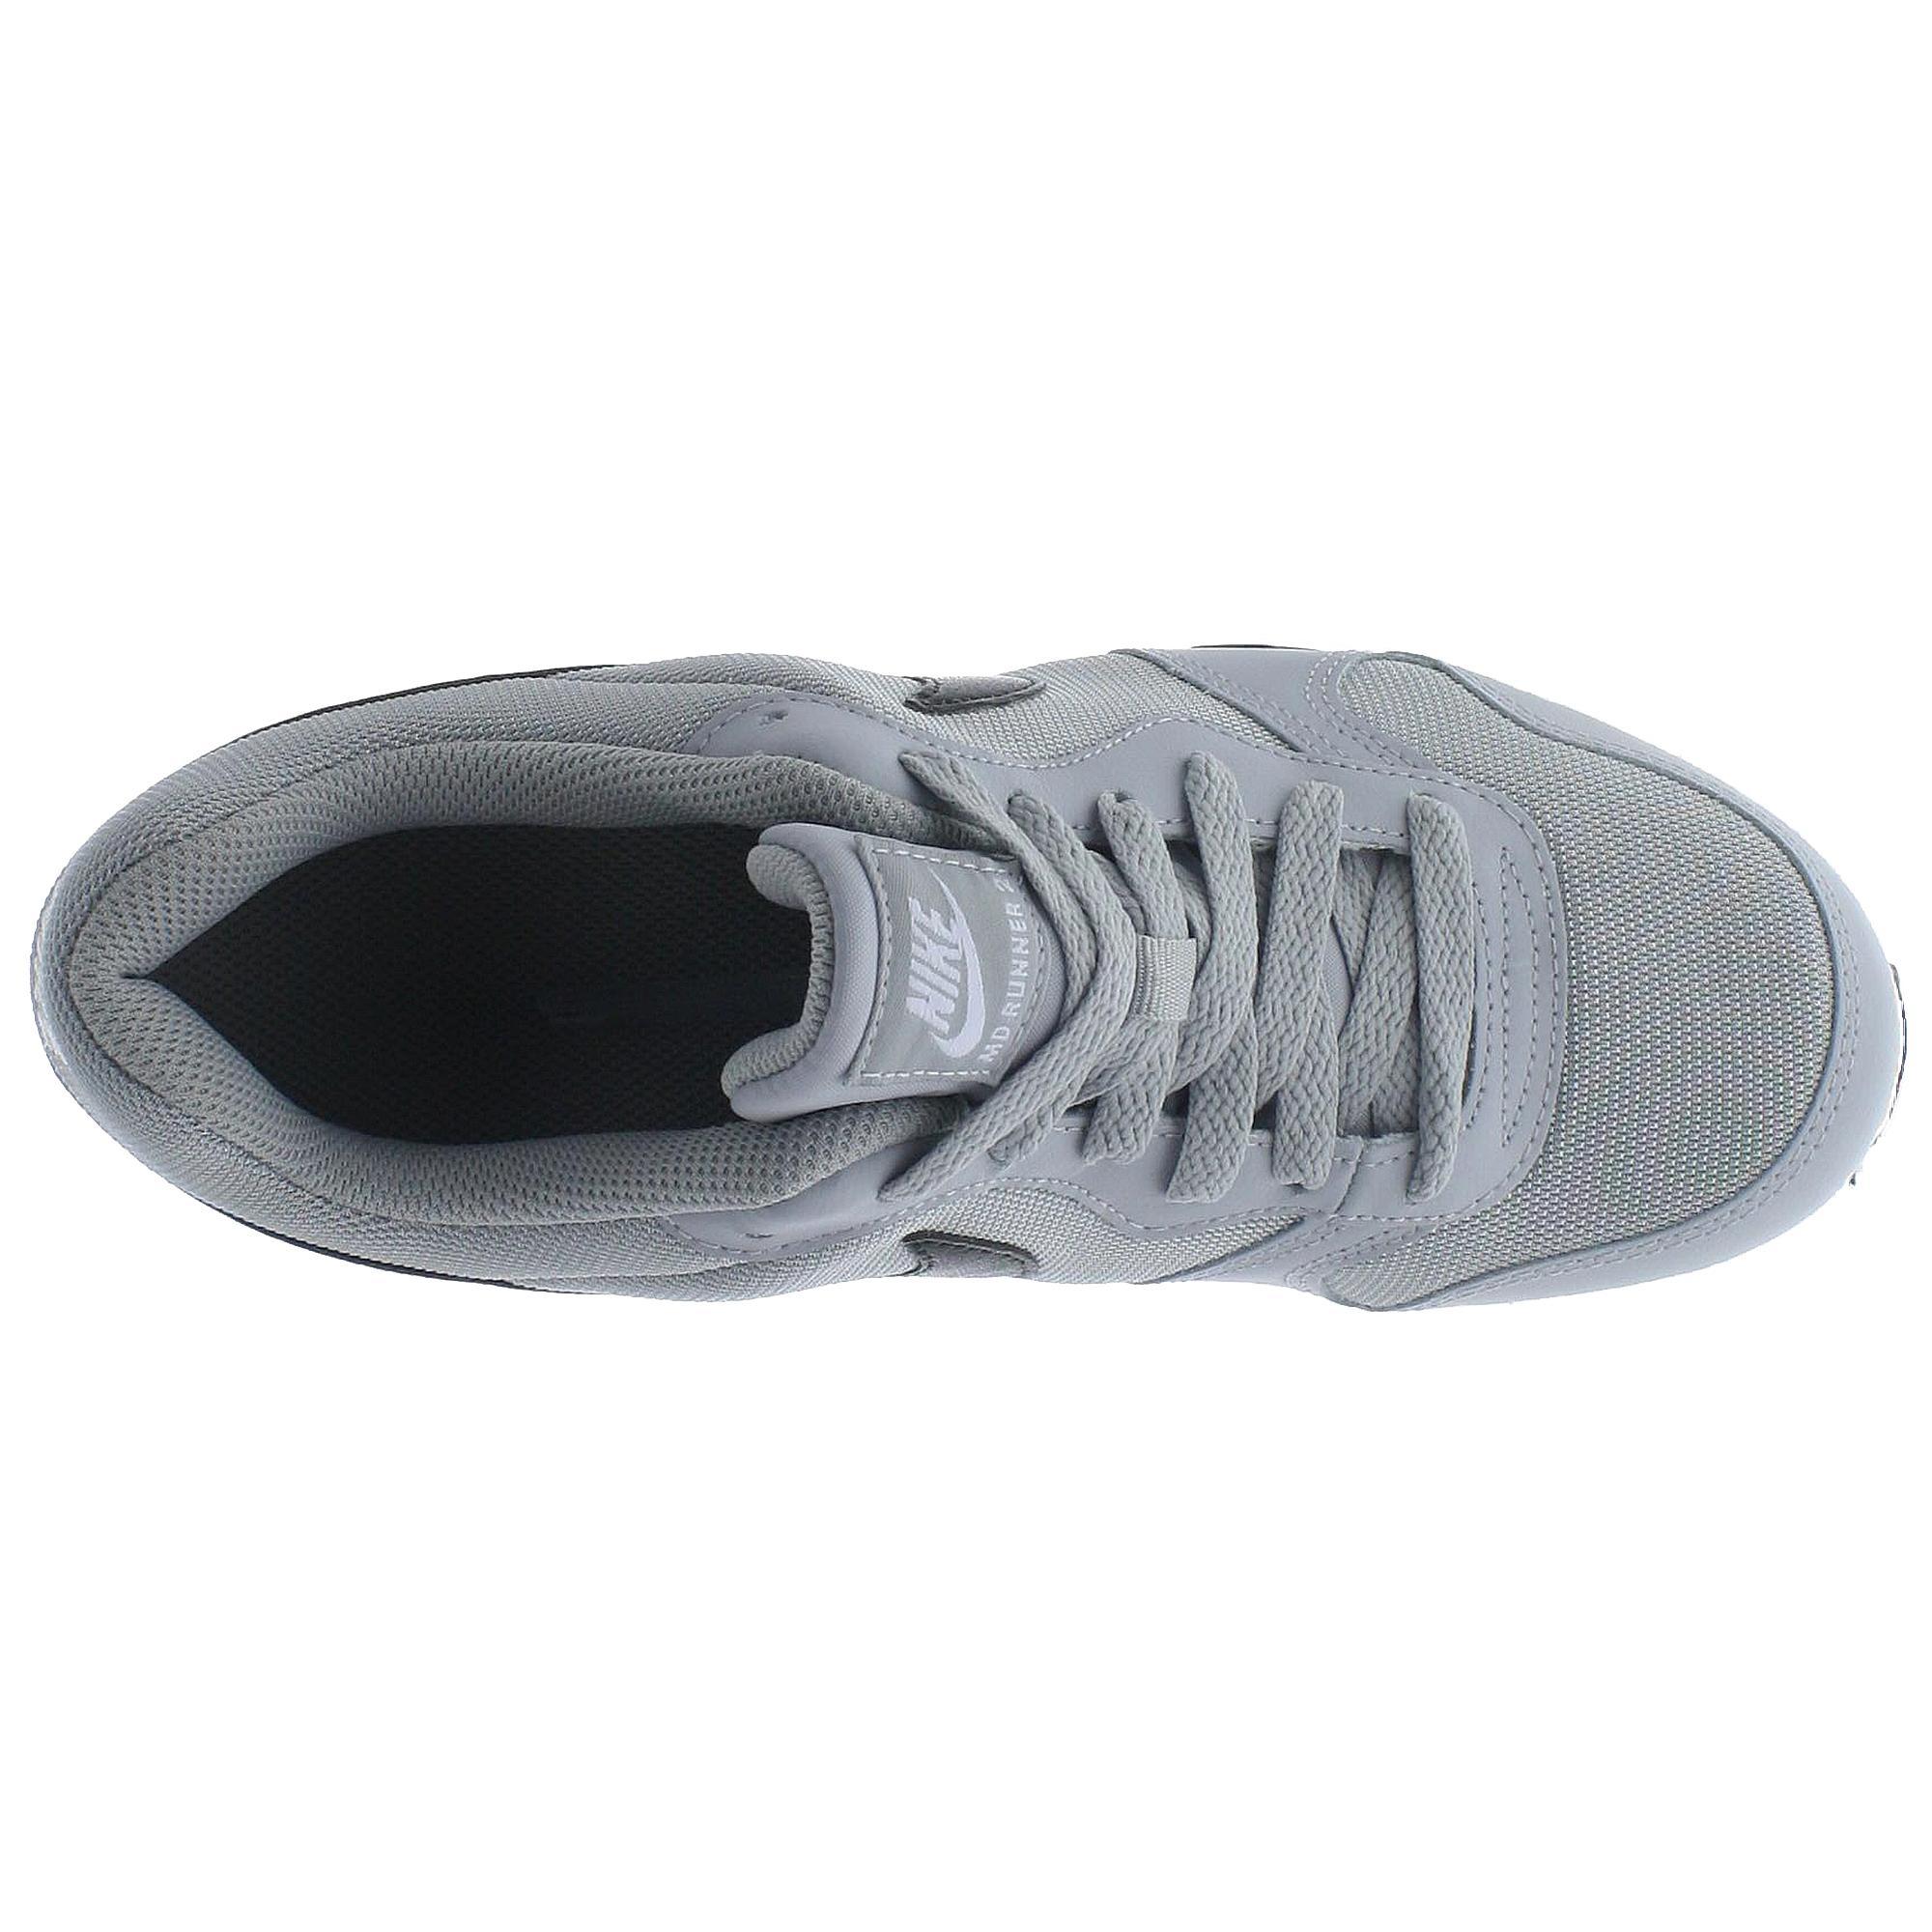 Nike Md Runner 2 SS19 (GS) Spor Ayakkabı  807316-003 - Barcin.com a909857b278d9